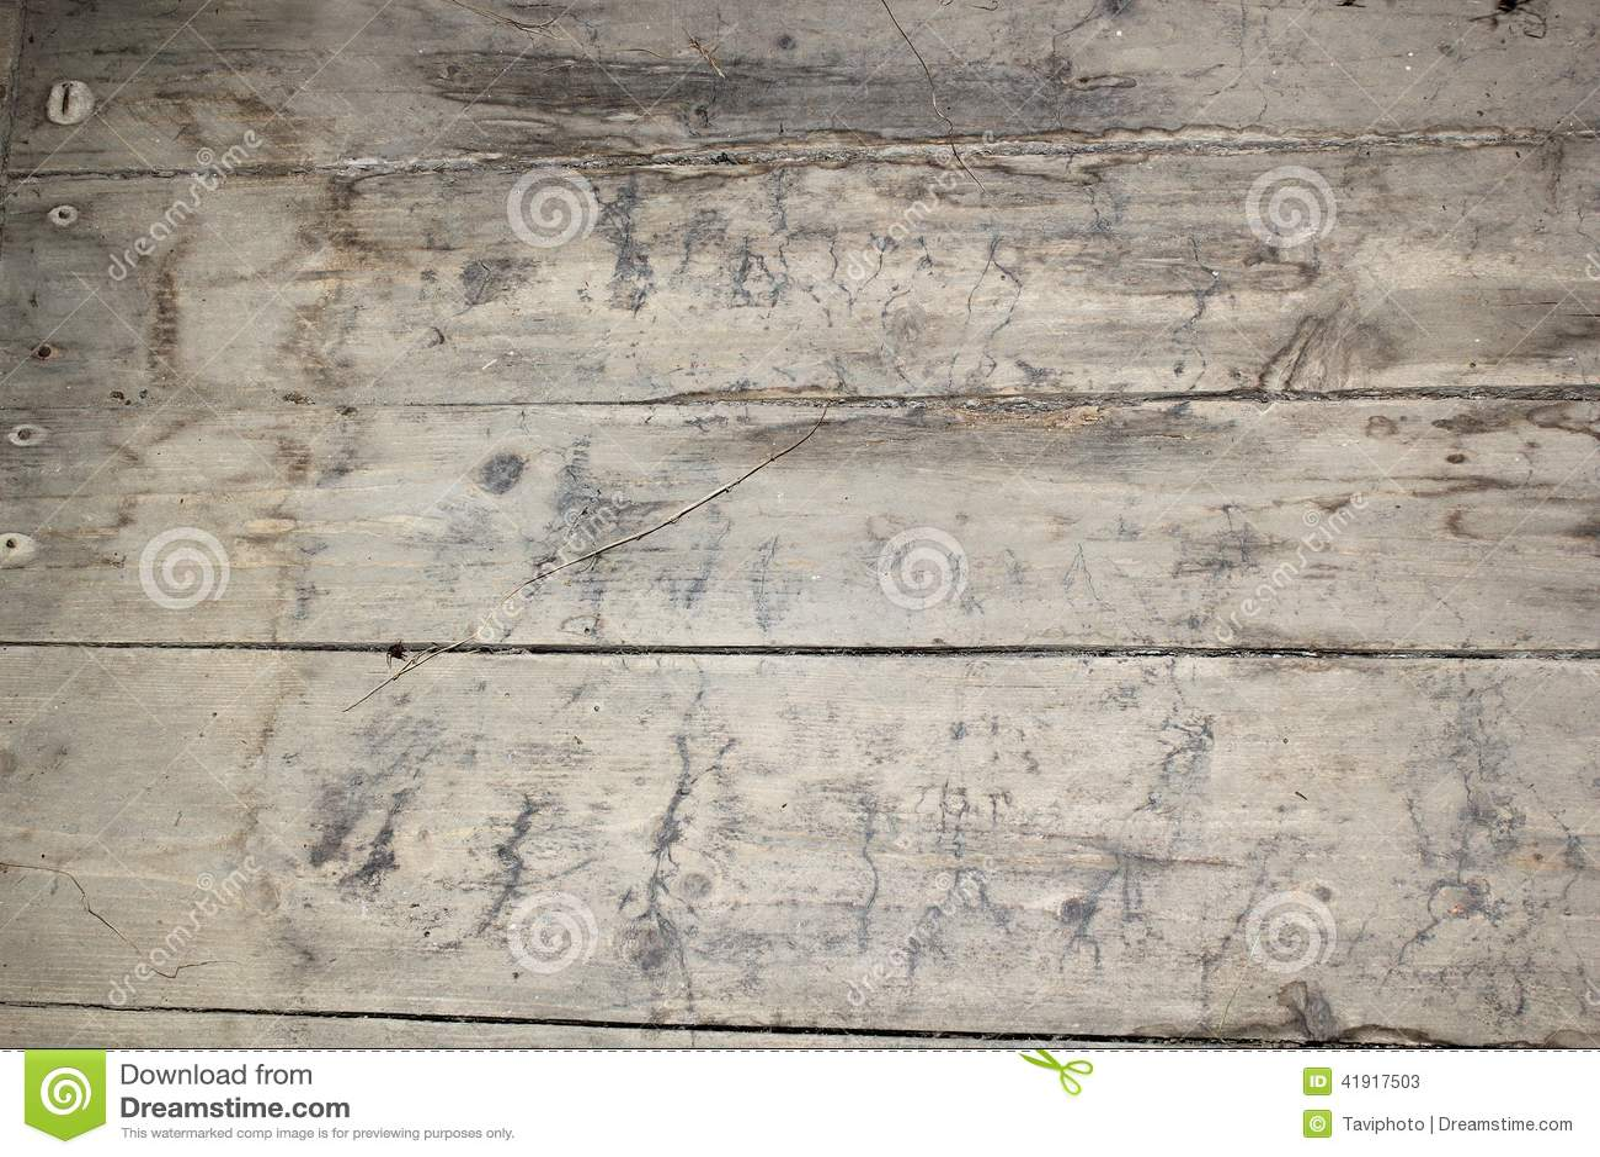 Rastros del micelio en piso del sótano